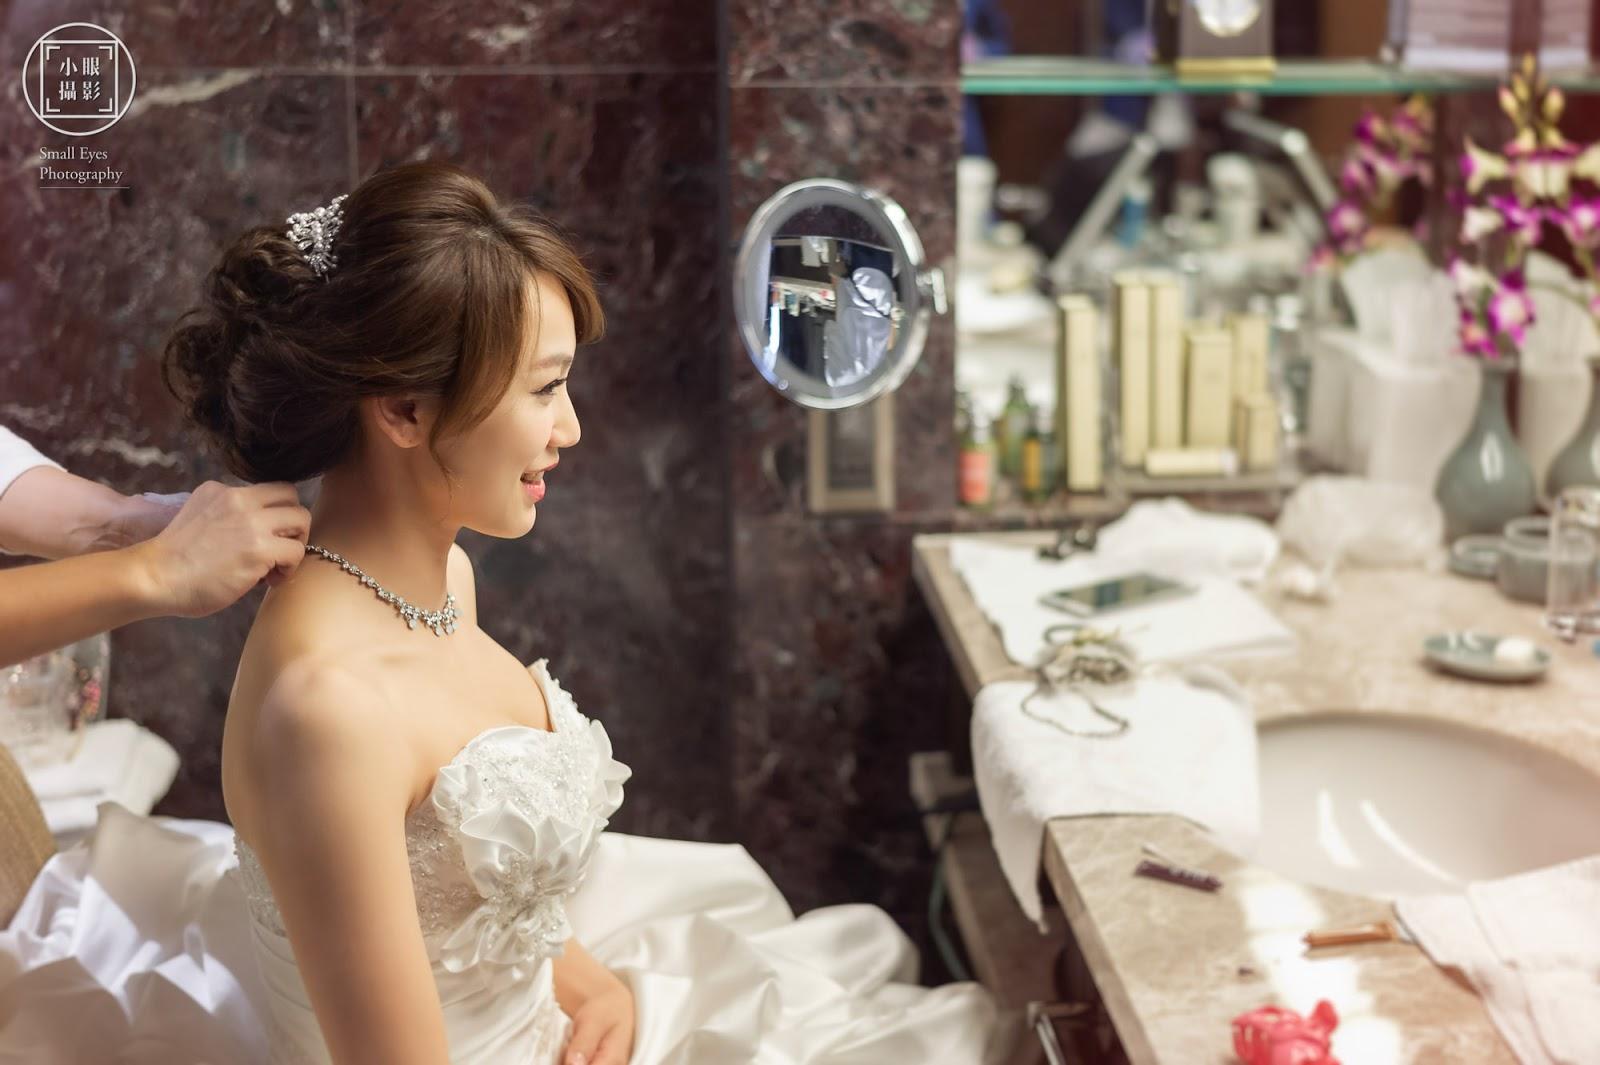 傅祐承,婚攝,婚禮攝影,小眼攝影,婚禮紀實,婚禮紀錄,結婚,婚禮,儀式,文定,文訂,迎娶,闖關,婚紗,國內婚紗,海外婚紗,寫真,婚攝小眼,台北,自主婚紗,自助婚紗,香格里拉台北遠東大飯店,香格里拉,遠企,遠東